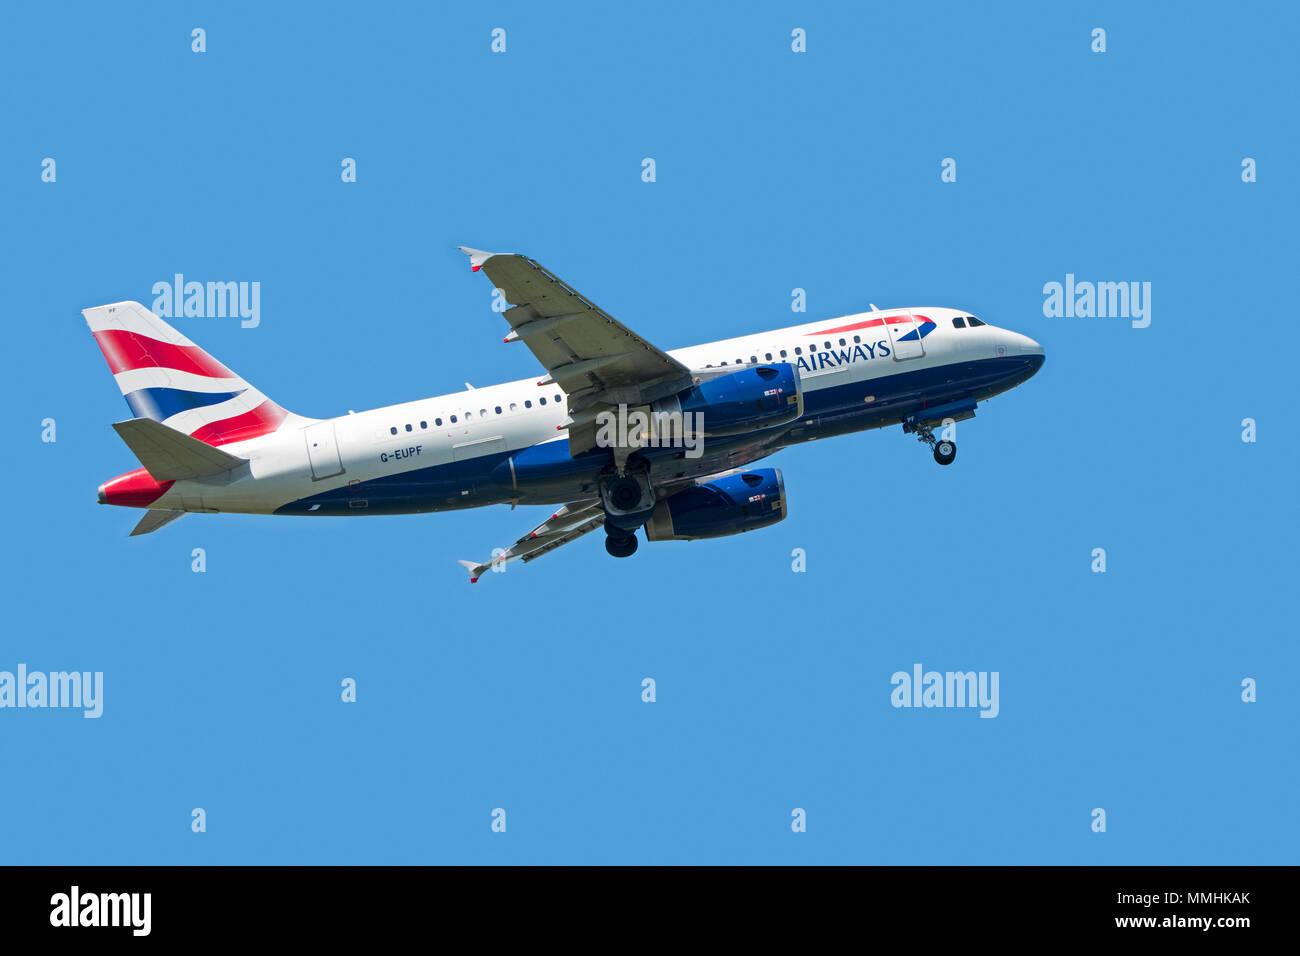 Airbus A319-131, fuselage étroit, bimoteur de transport commercial de passagers avion de ligne de British Airways en vol sur fond de ciel bleu Photo Stock